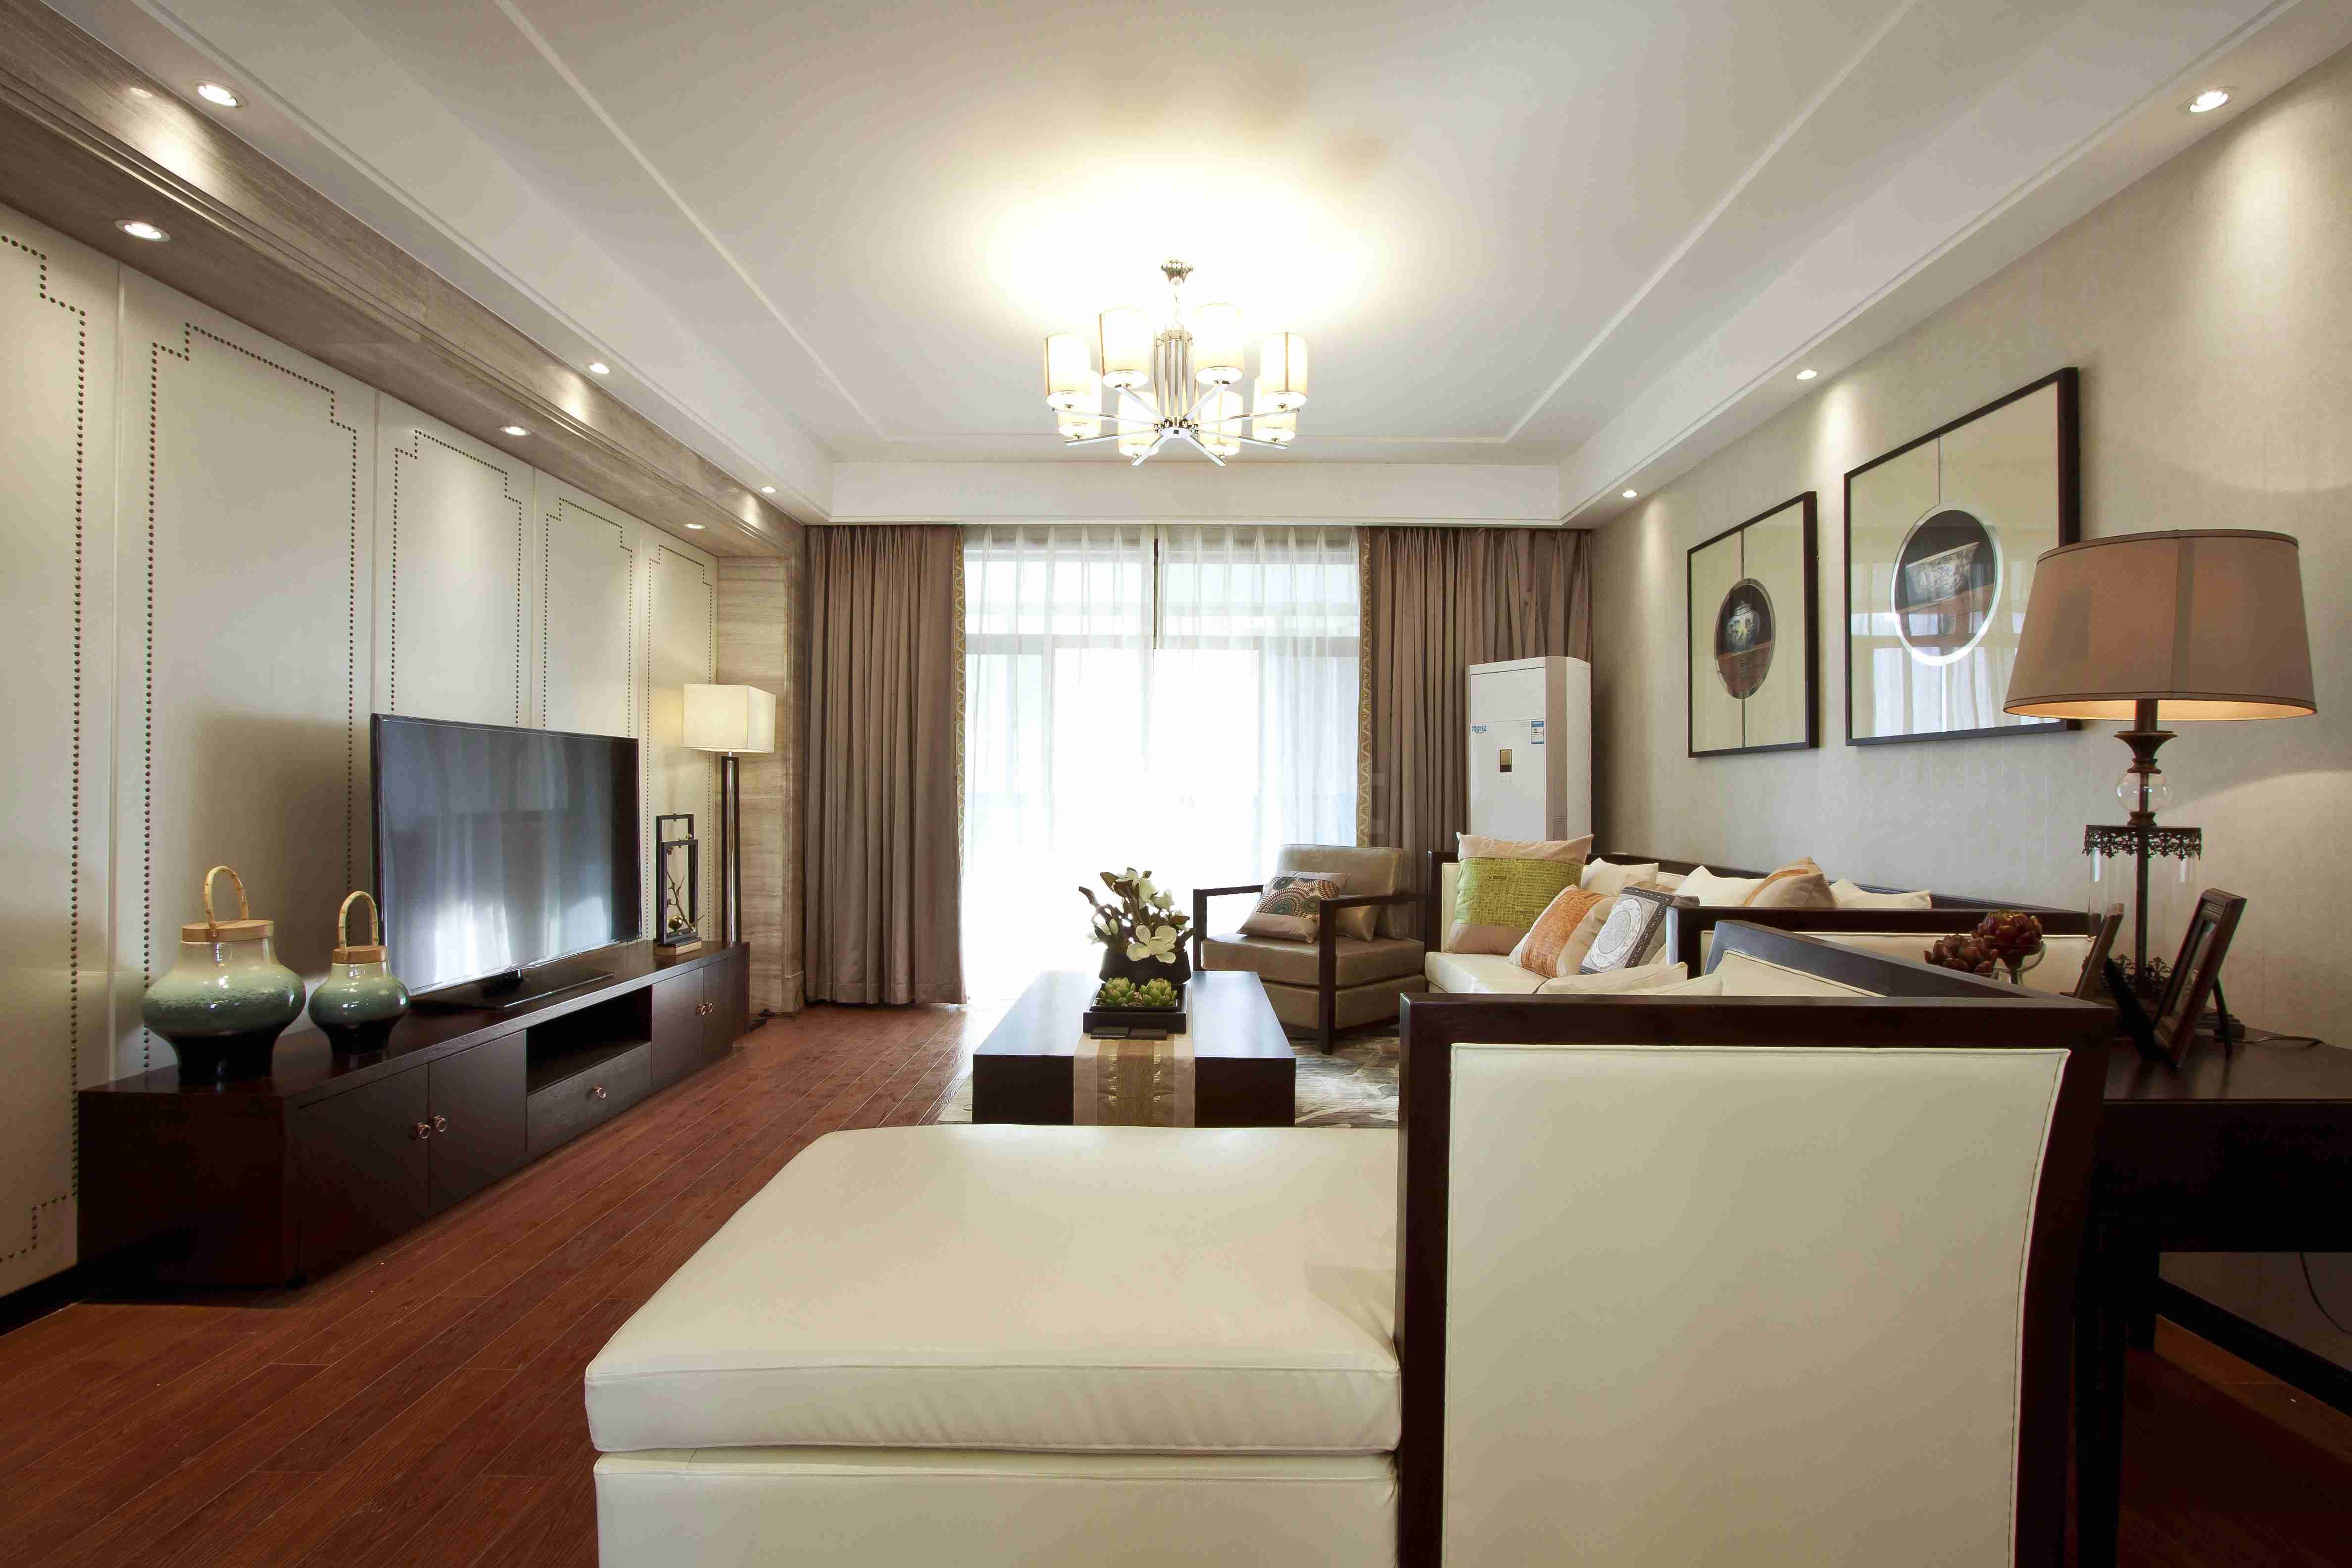 中式风格的客厅具有内蕴的风格,为了舒服,中式的环境中也常常用到沙发,但颜色仍然体现着中式的古朴,中式这样表现使整体空间,传统中透着现代,现代中揉着古典。这样就以一种东方人的'留白'美学观念控制的节奏,显出大家风范,其墙壁上的字画无论数量还是内容都不在多,而在于它所营造的意境。